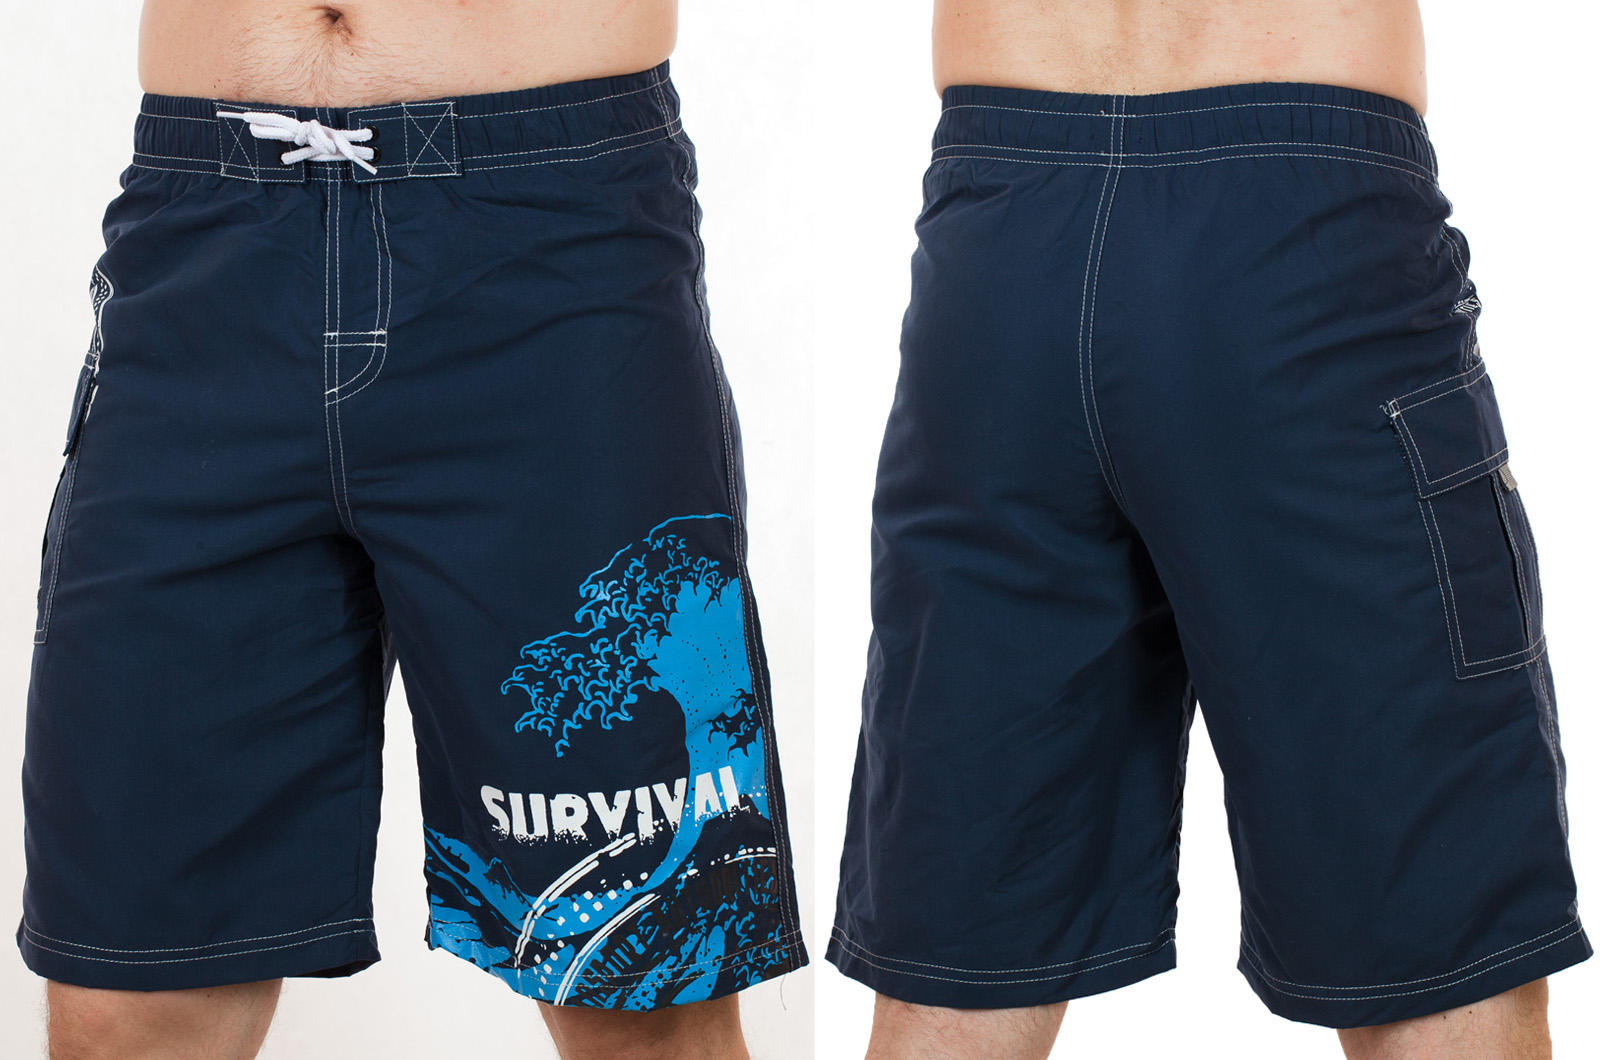 Эксклюзивные мужские шорты с принтом Survival от In Extenso (Франция) по лучшей цене